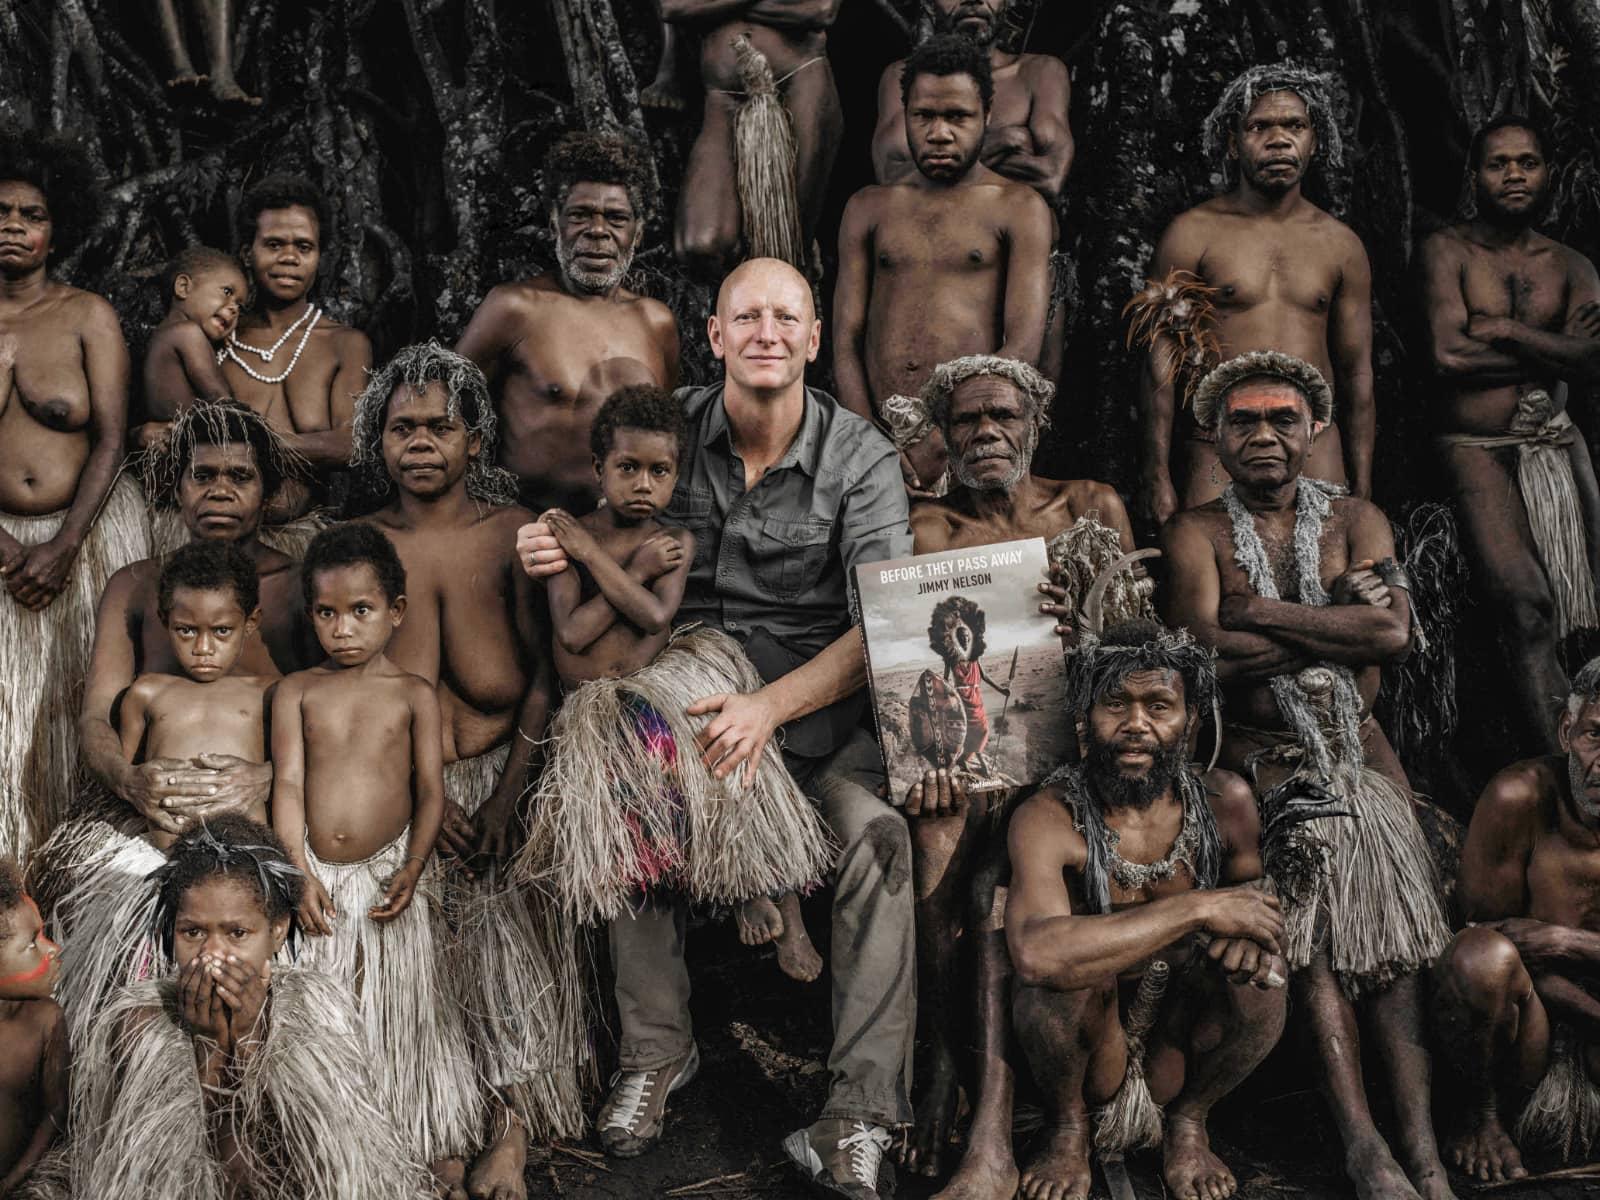 foto: © Jimmy Nelson - Before They Pass Away - Jimmy temidden van groep van inheems volk waarbij zijn boek wordt vastgehouden